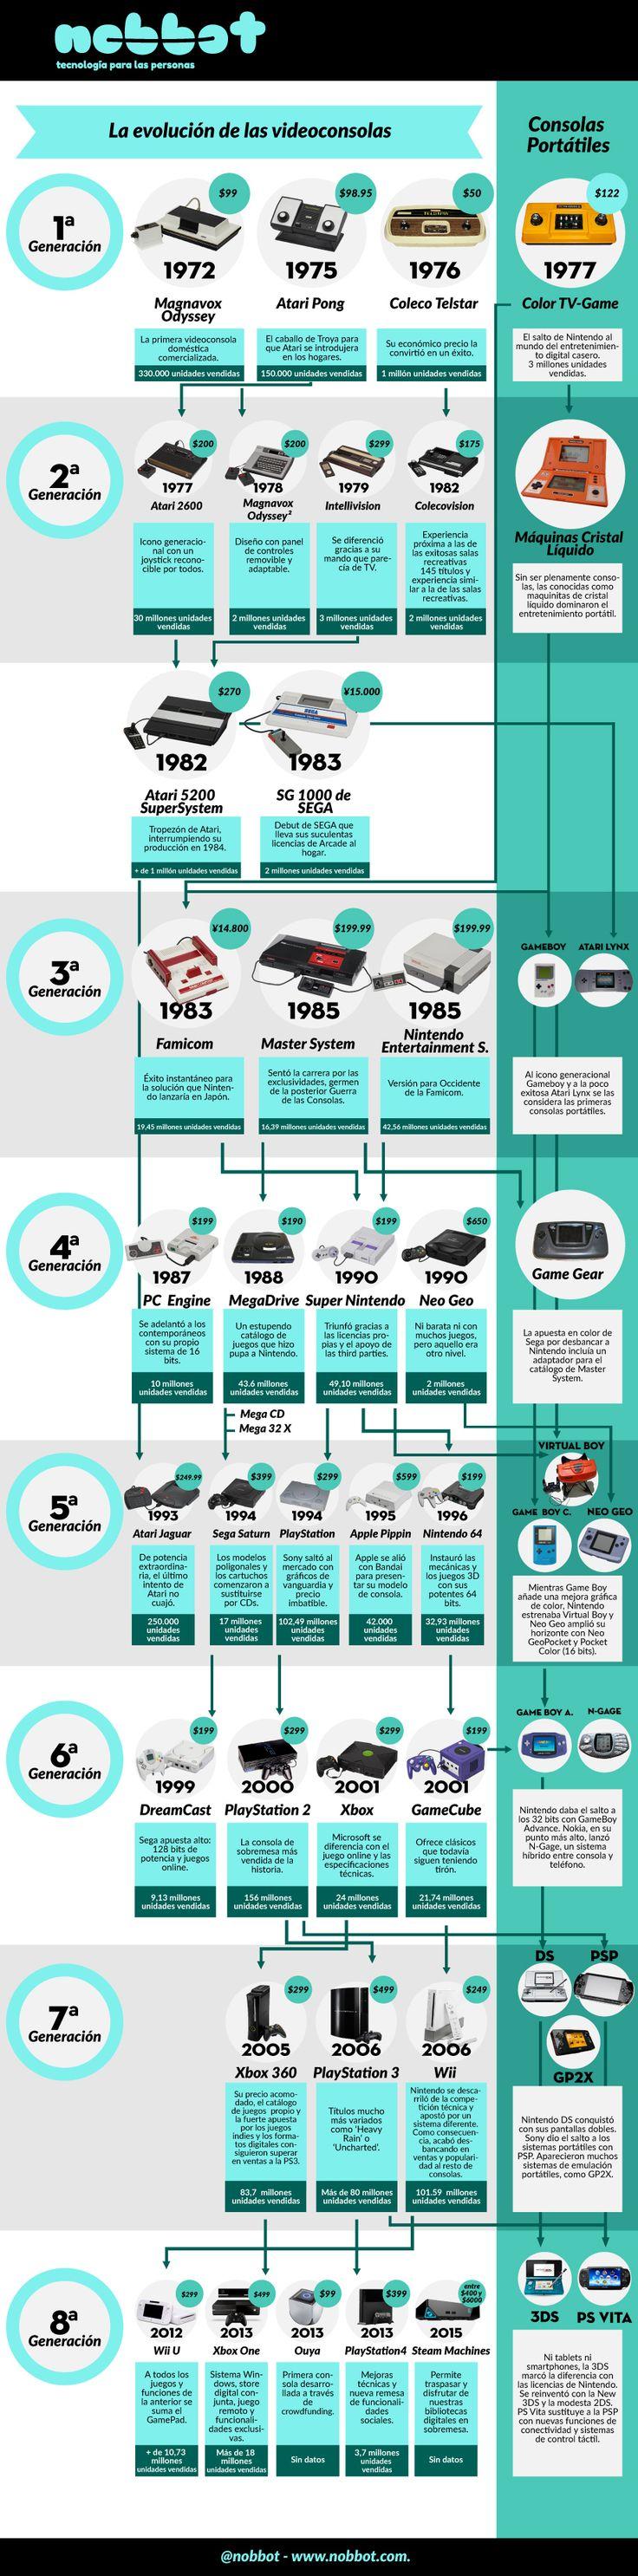 Evoluci³n de las videoconsolas infografia infographic tech